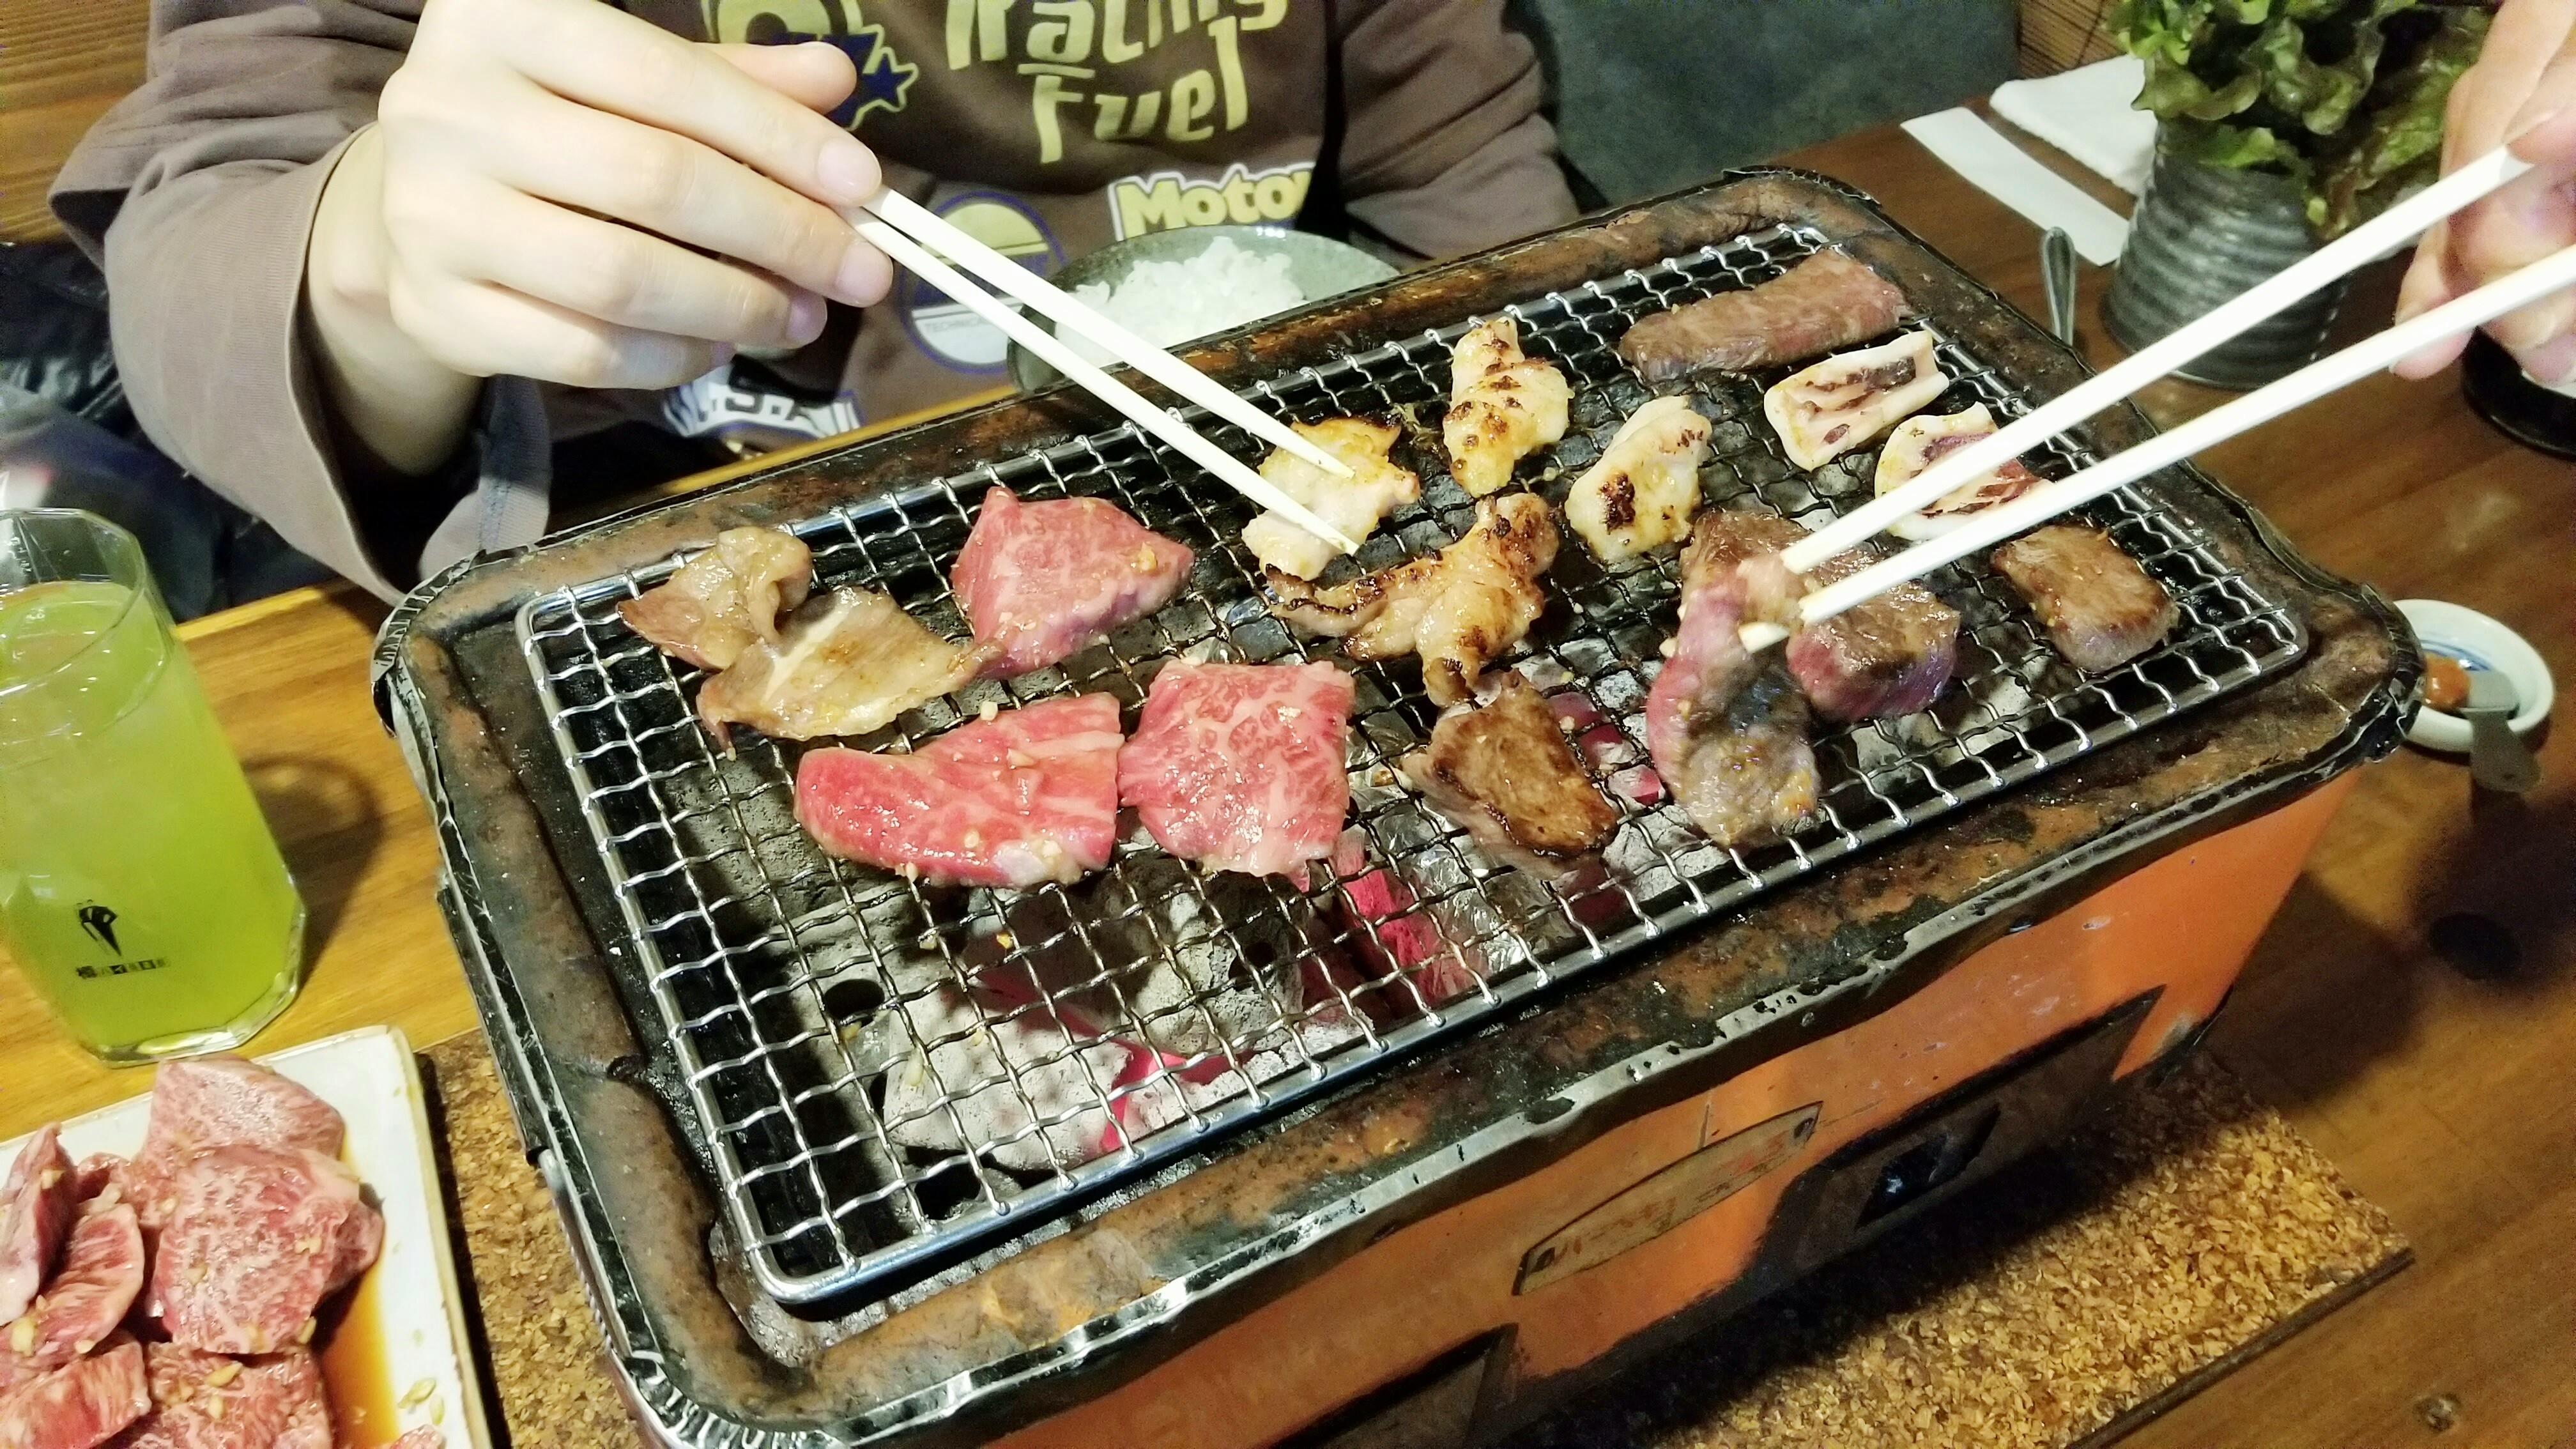 愛媛県松山市美味しいおすすめ焼肉屋ひょうたん島穴場グルメ巡り